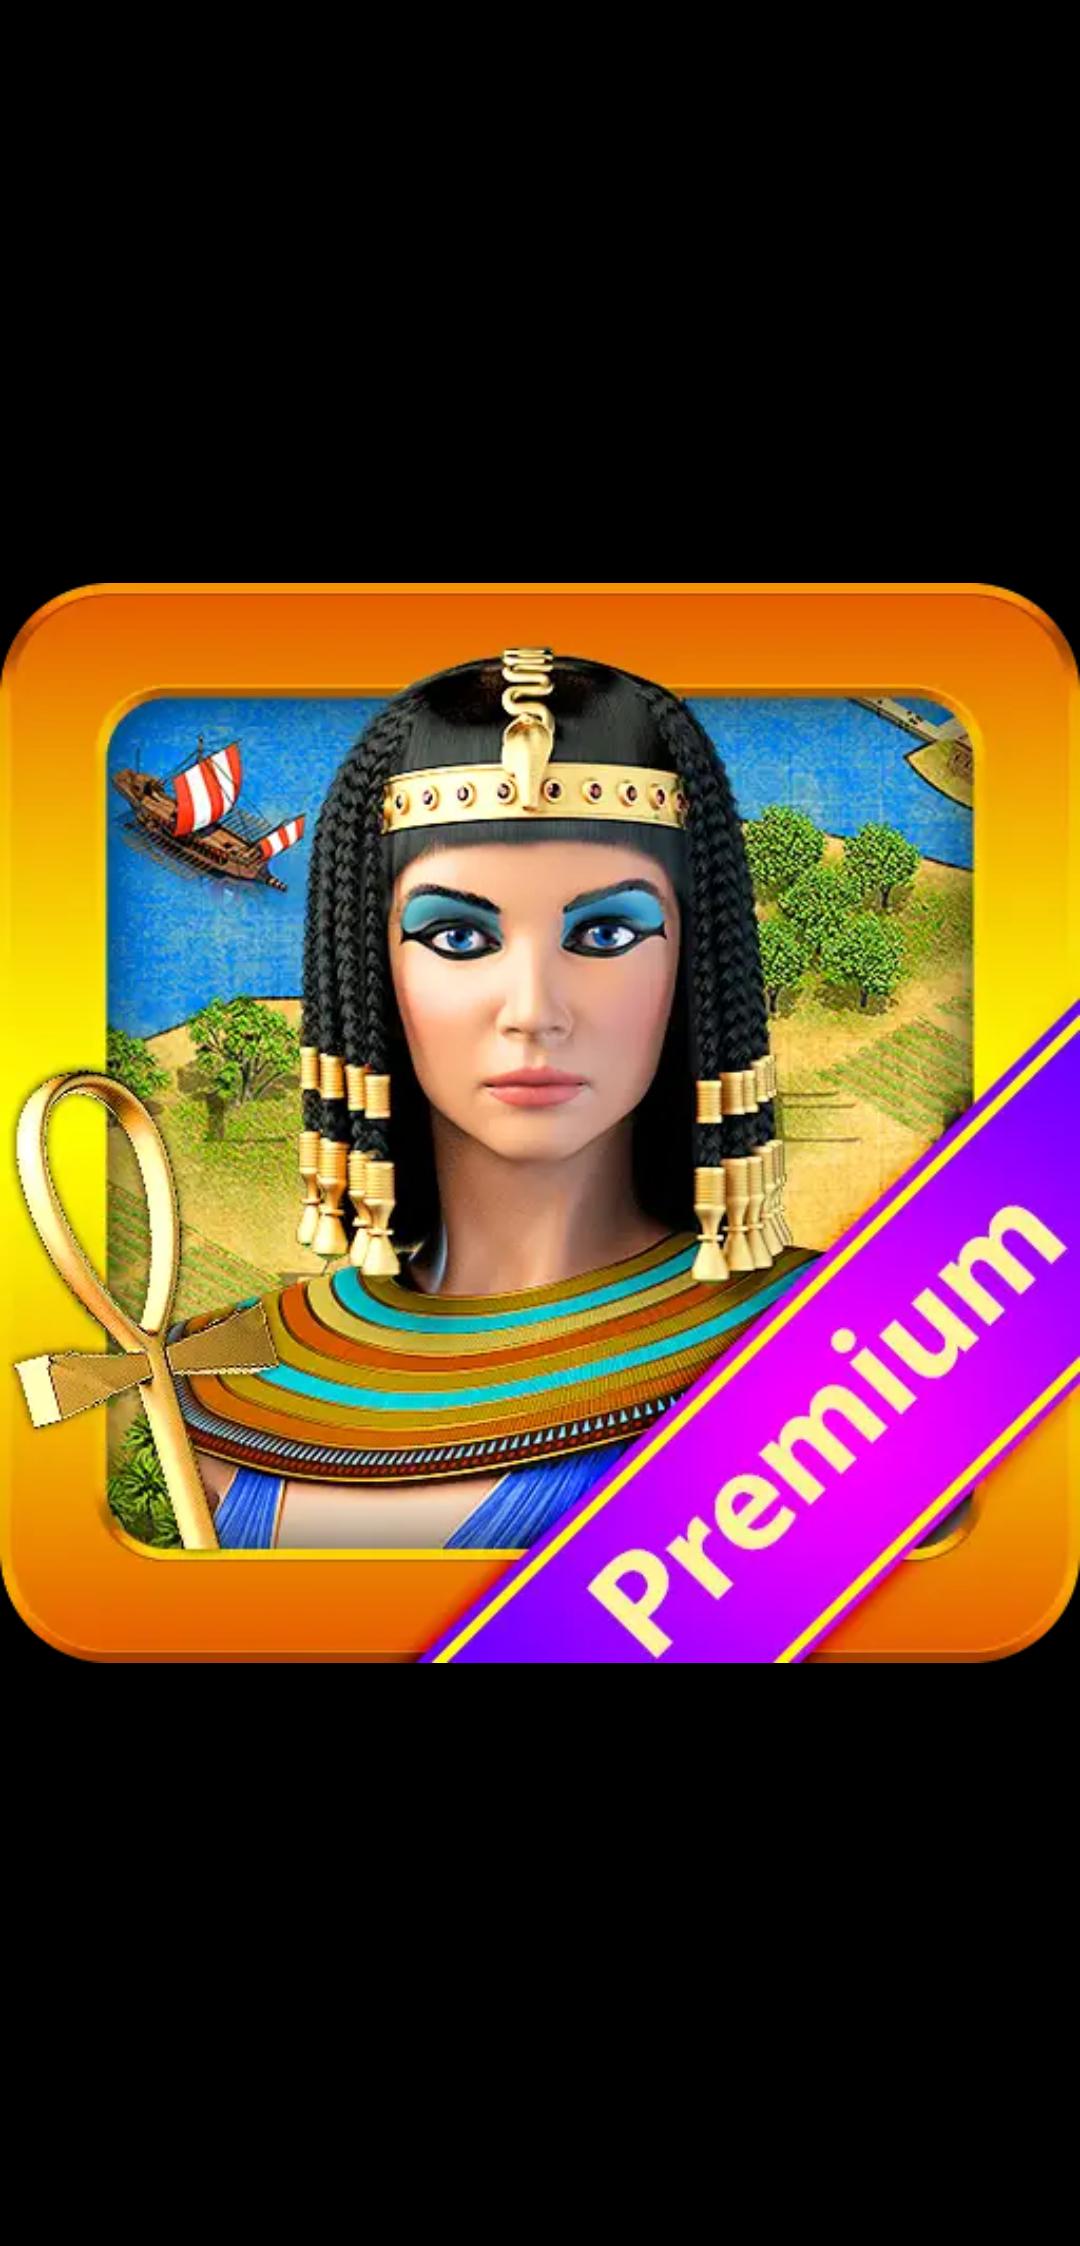 Defense of Egypt premium nu een week gratis te verkrijgen normaal 1,49 @googleplay